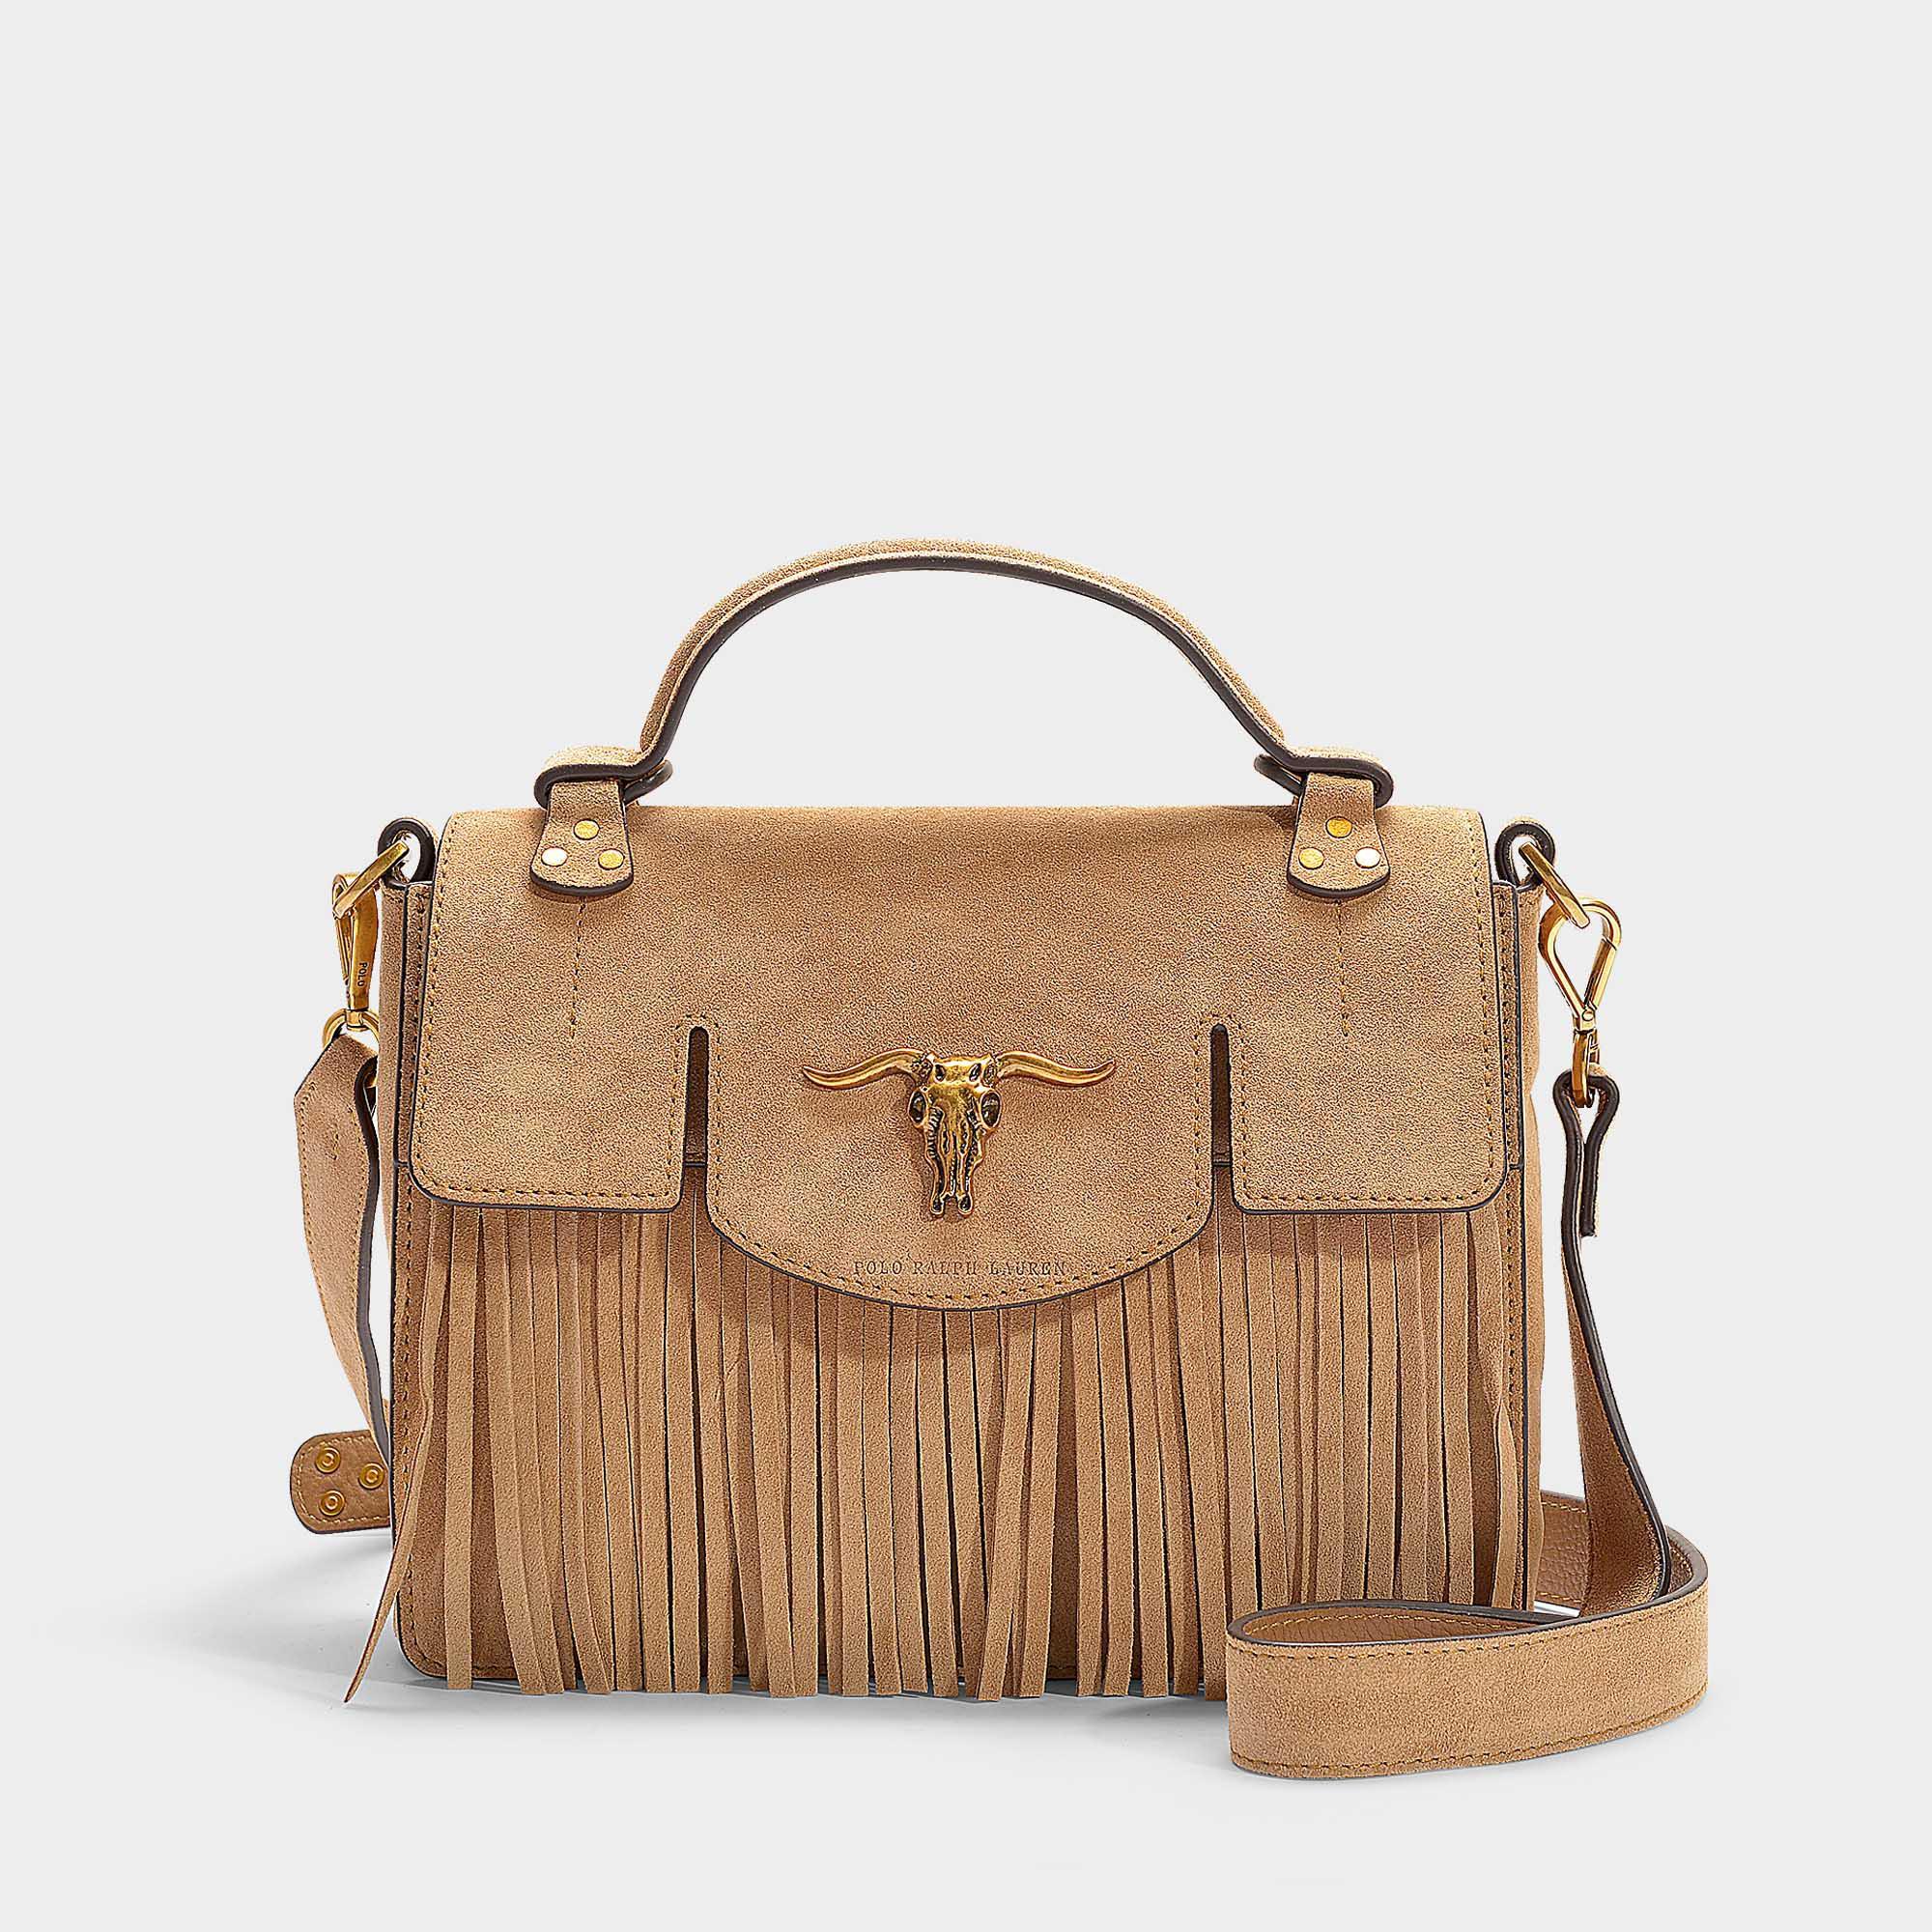 Polo Ralph Lauren Schooly Top Handle Small Bag In Brown Calfskin in ... afc470414c